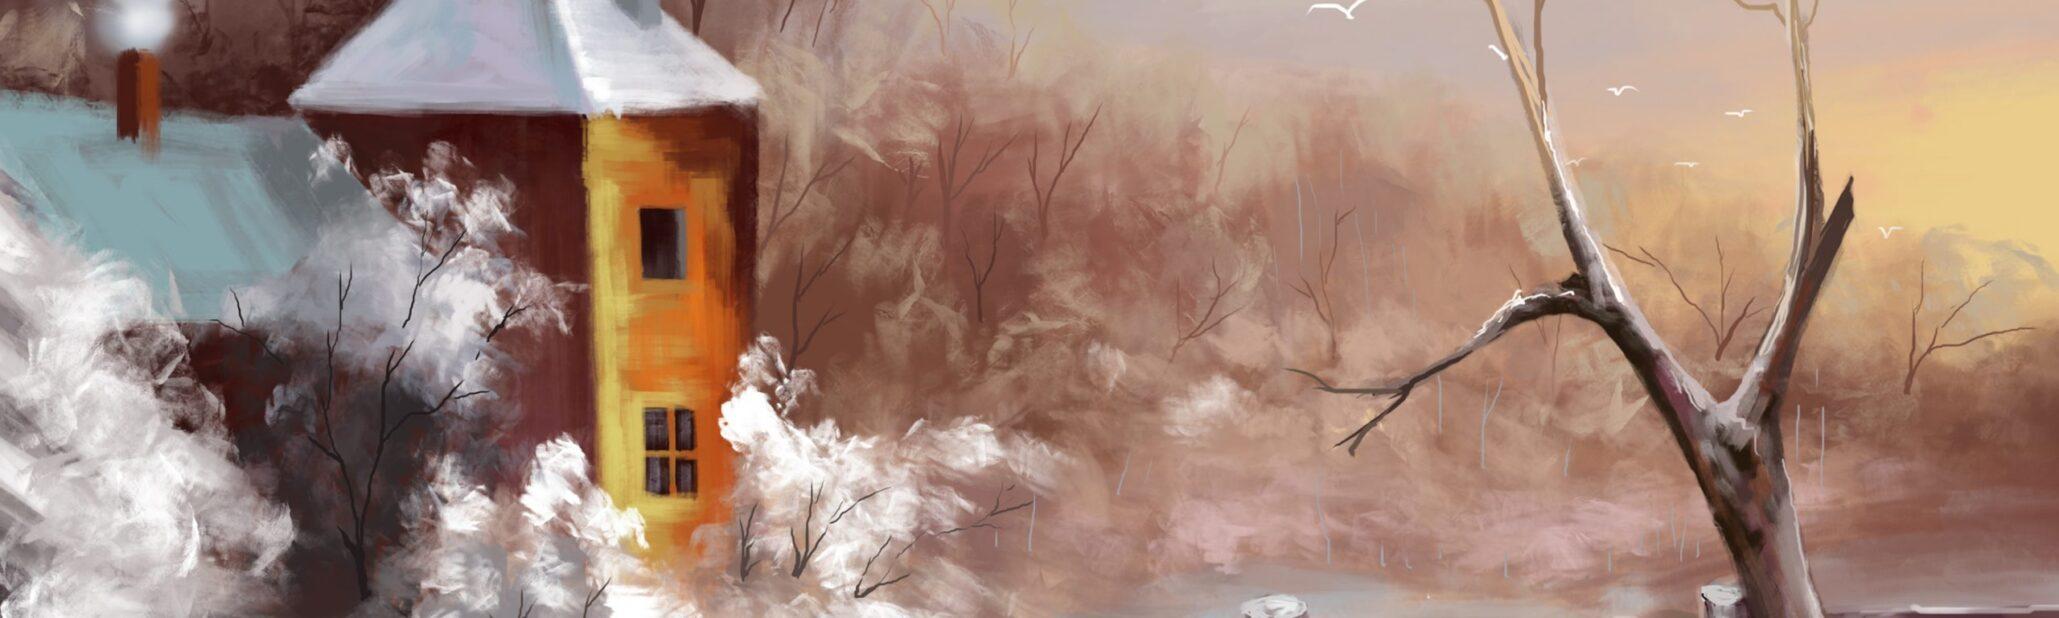 دانلود طرح لایه باز نقاشی کلبه و درخت psd